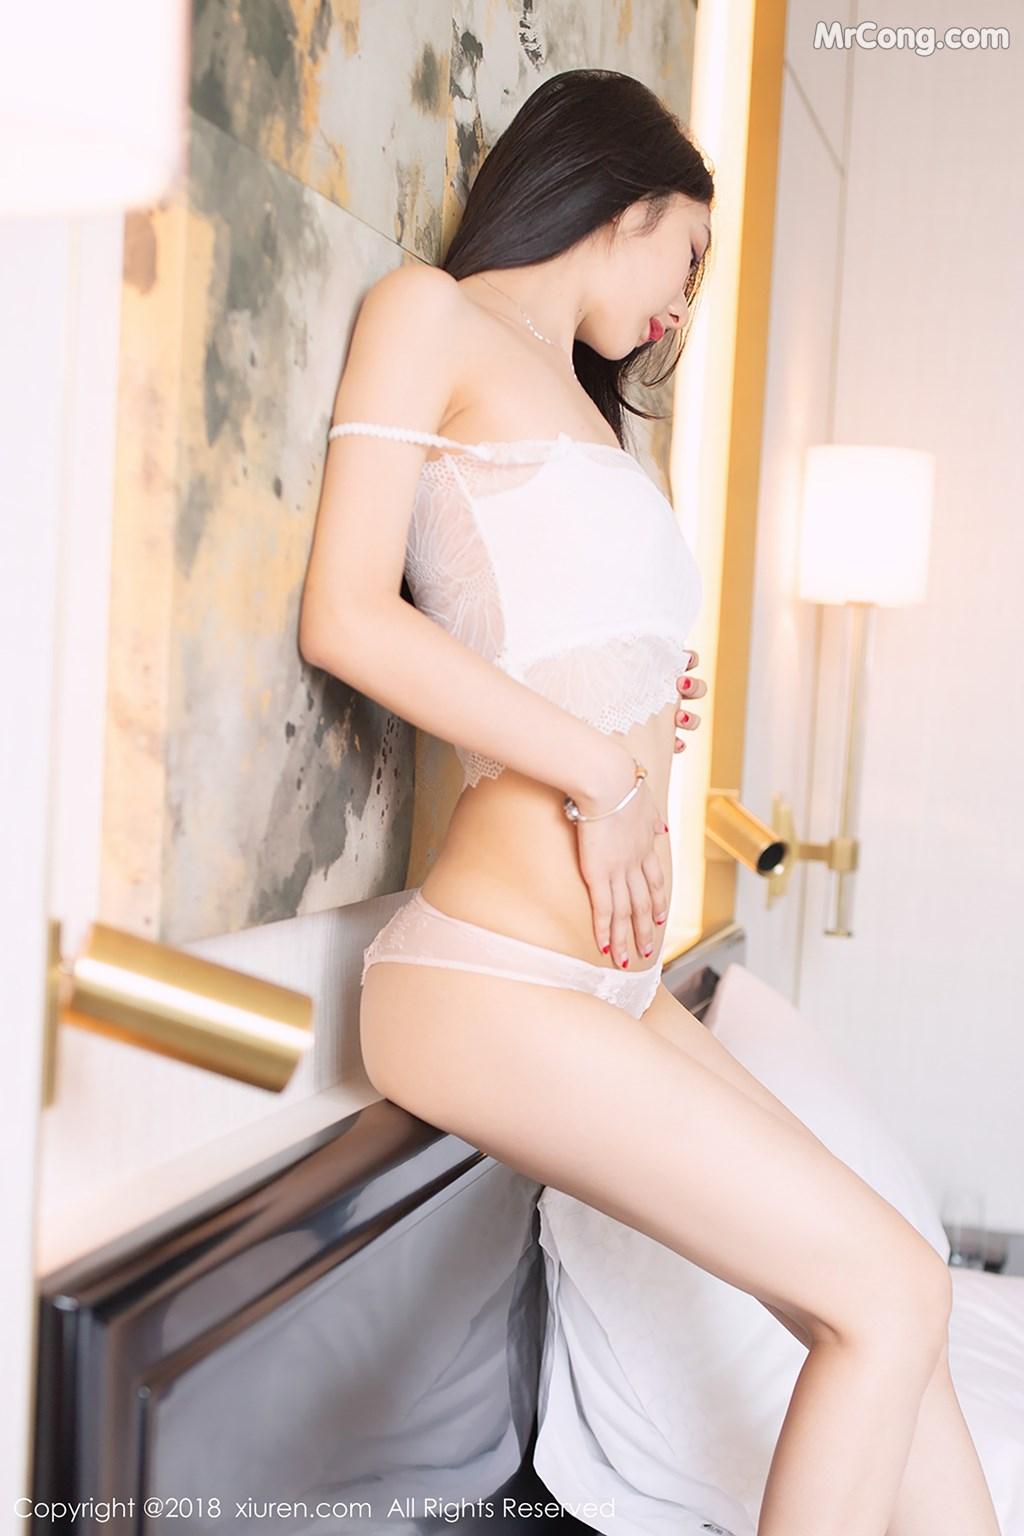 Image XIUREN-No.1194-Xiao-Reba-Angela-MrCong.com-003 in post XIUREN No.1194: Người mẫu Xiao Reba (Angela小热巴) (42 ảnh)